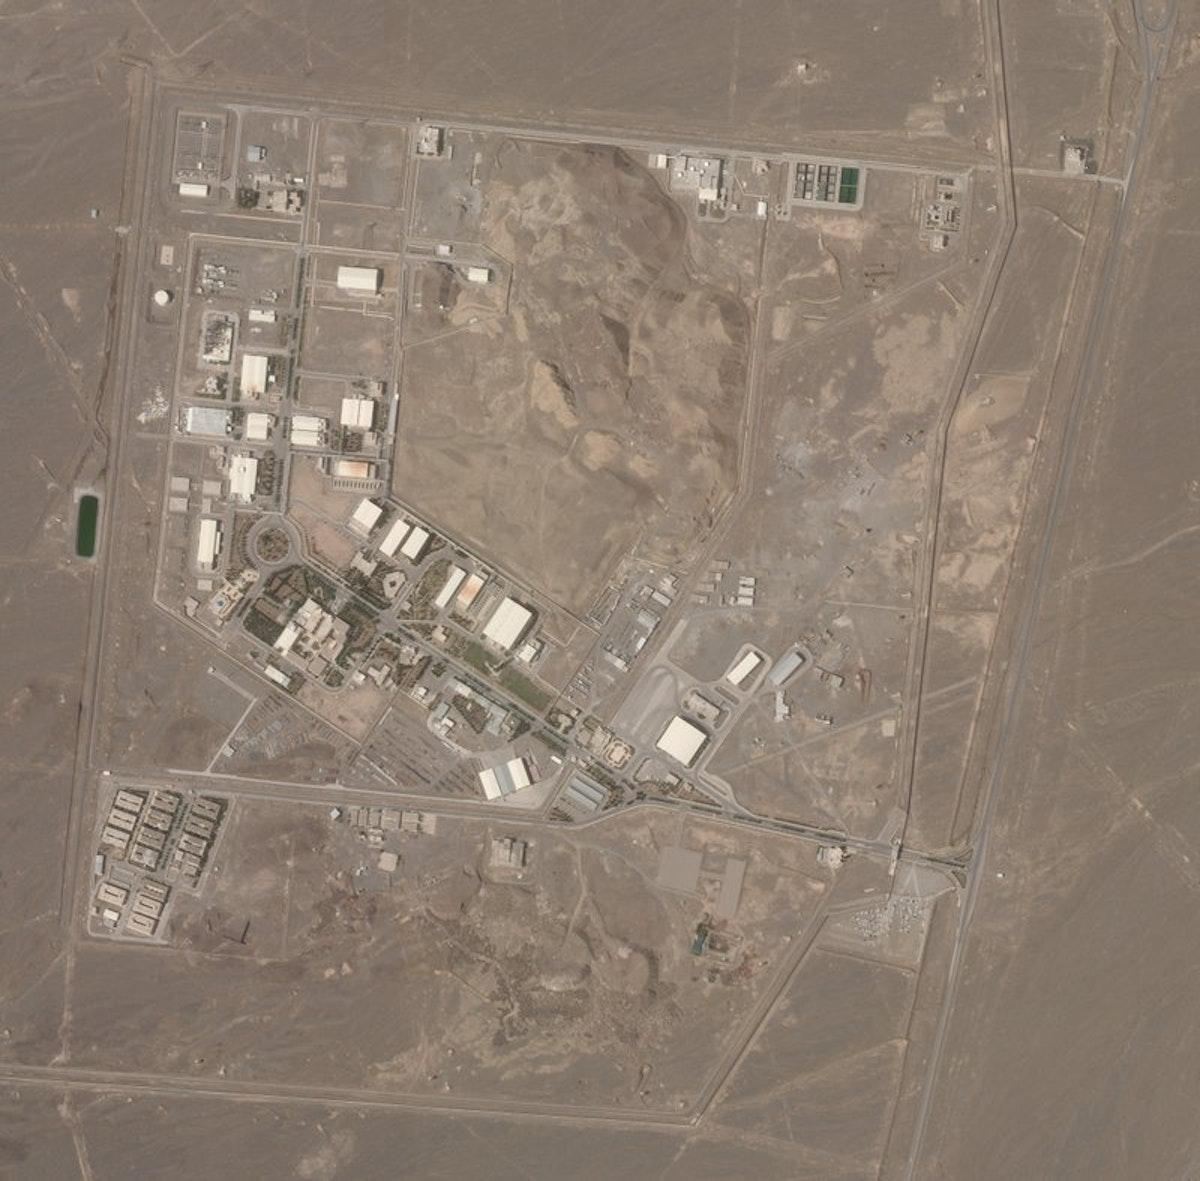 """صورة بالقمر الصناعي من شركة """"بلانيت لابز"""" تظهر منشأة نطنز النووية الإيرانية - 7 أبريل 2021 - AP"""